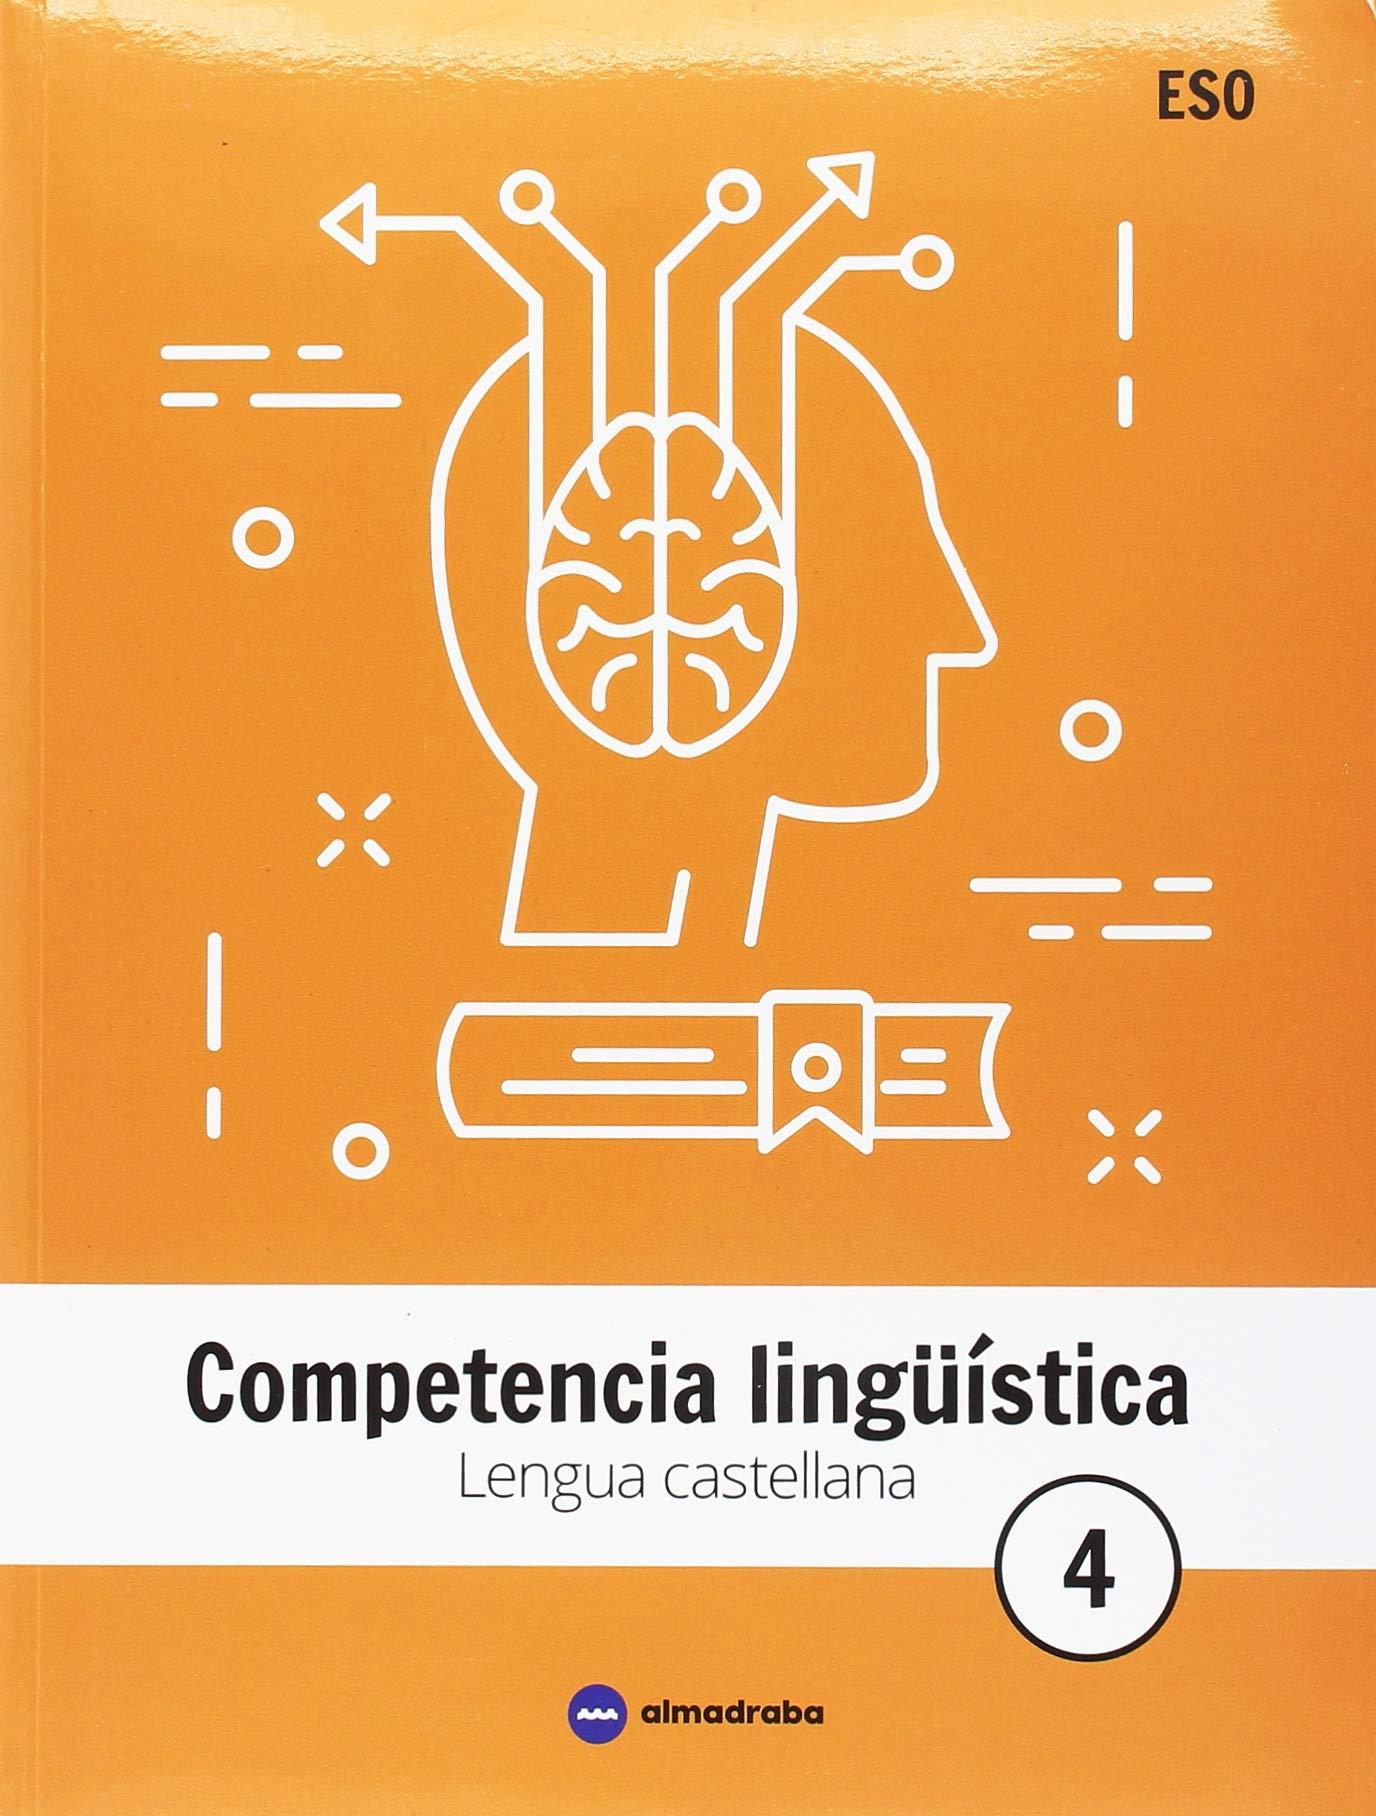 LENGUA CASTELLANA 4 ESO. COMPETENCIA LINGÜÍSTICA: Amazon.es: GARCÍA, MARÍA, GUERRERO, OLGA, RUIZ, ELISA, SÁNCHEZ, RAQUEL: Libros